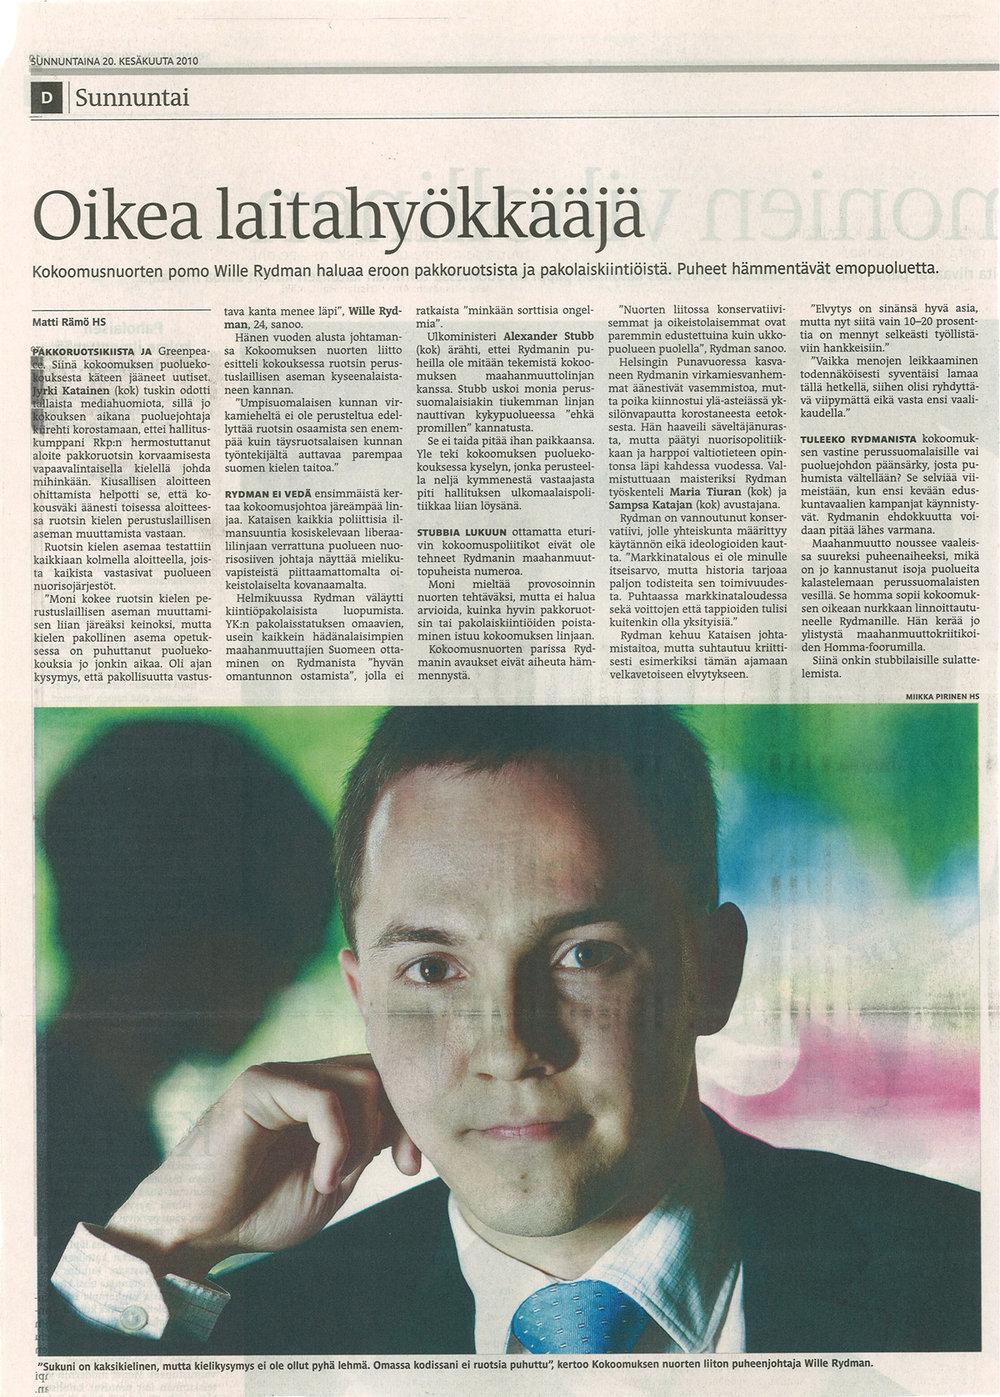 """""""OIKEA LAITAHYÖKKÄÄJÄ"""" - Helsingin Sanomat 20.6.2010"""